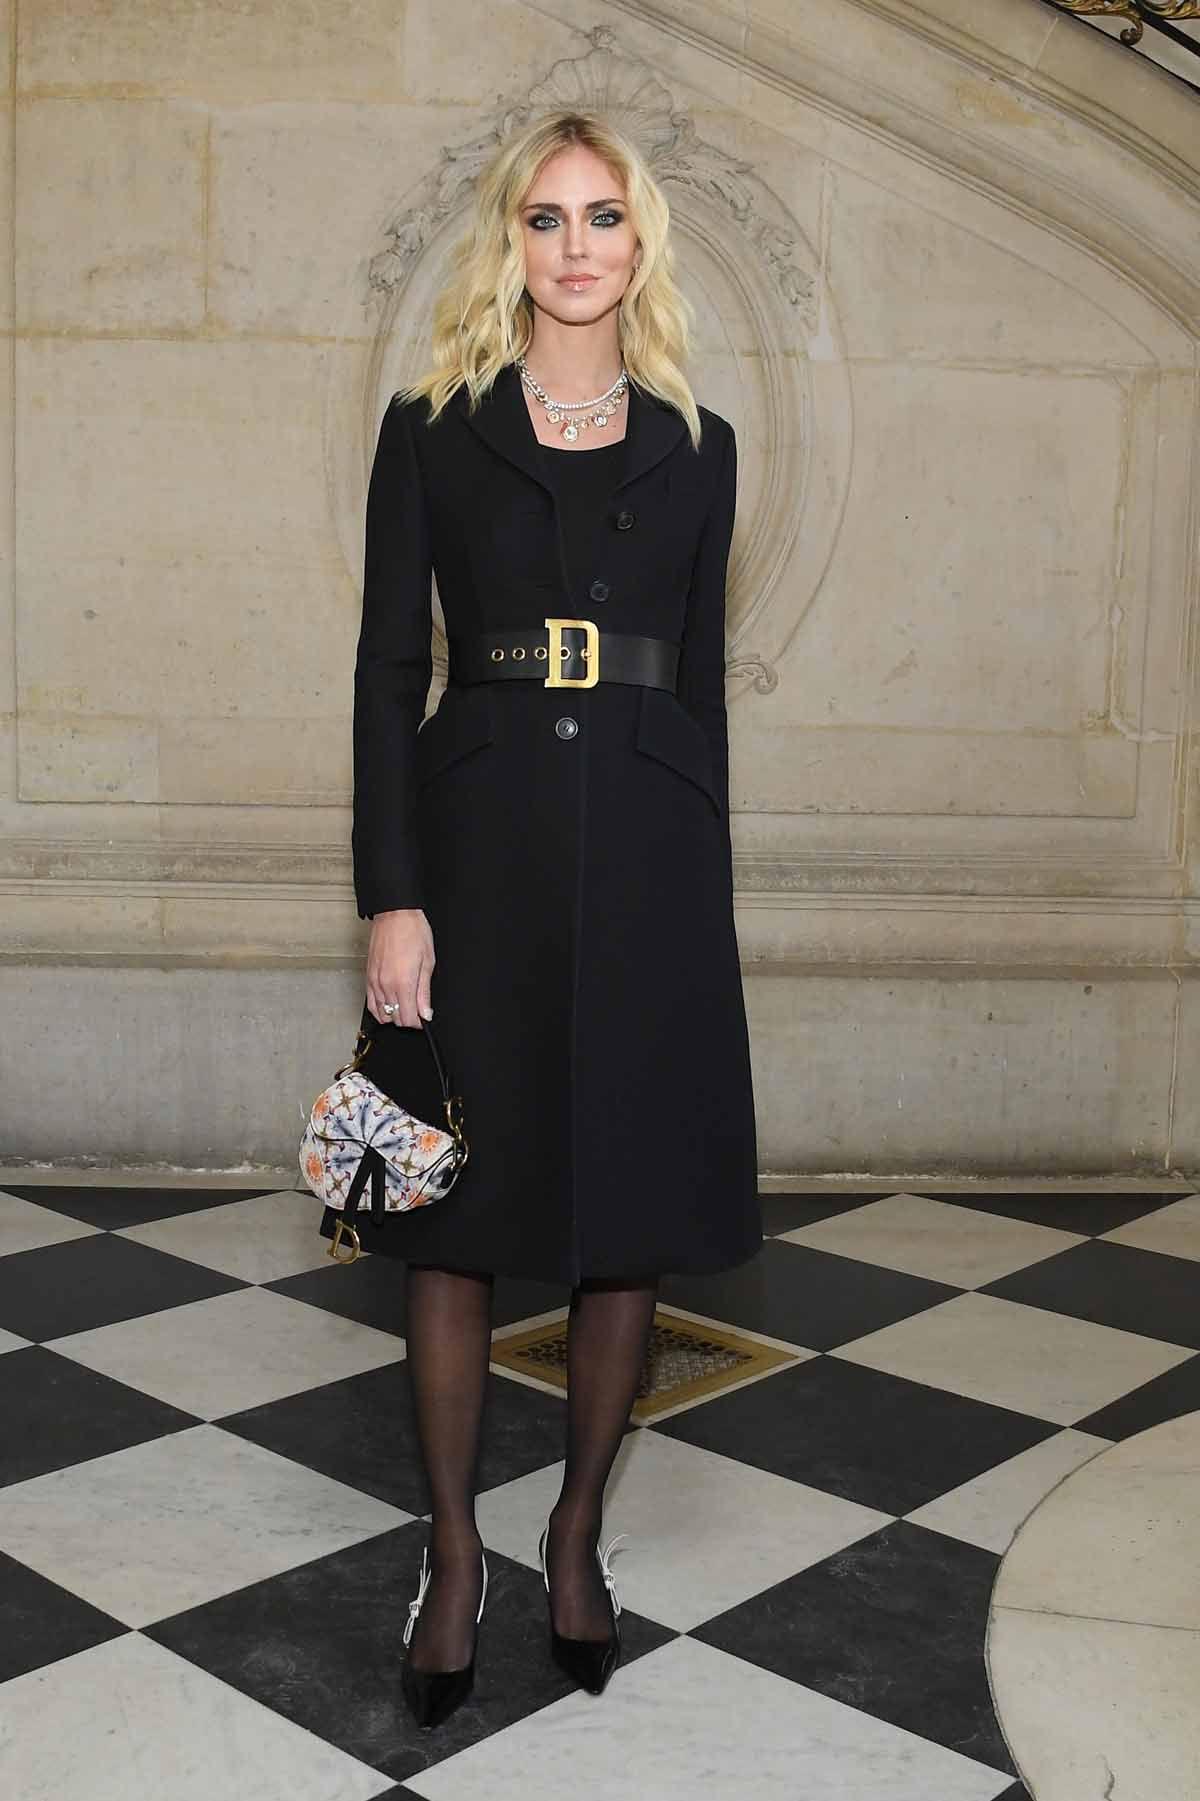 Dàn sao quốc tế đổ bộ Tuần lễ Thời trang Haute Couture Xuân - Hè 2019 21